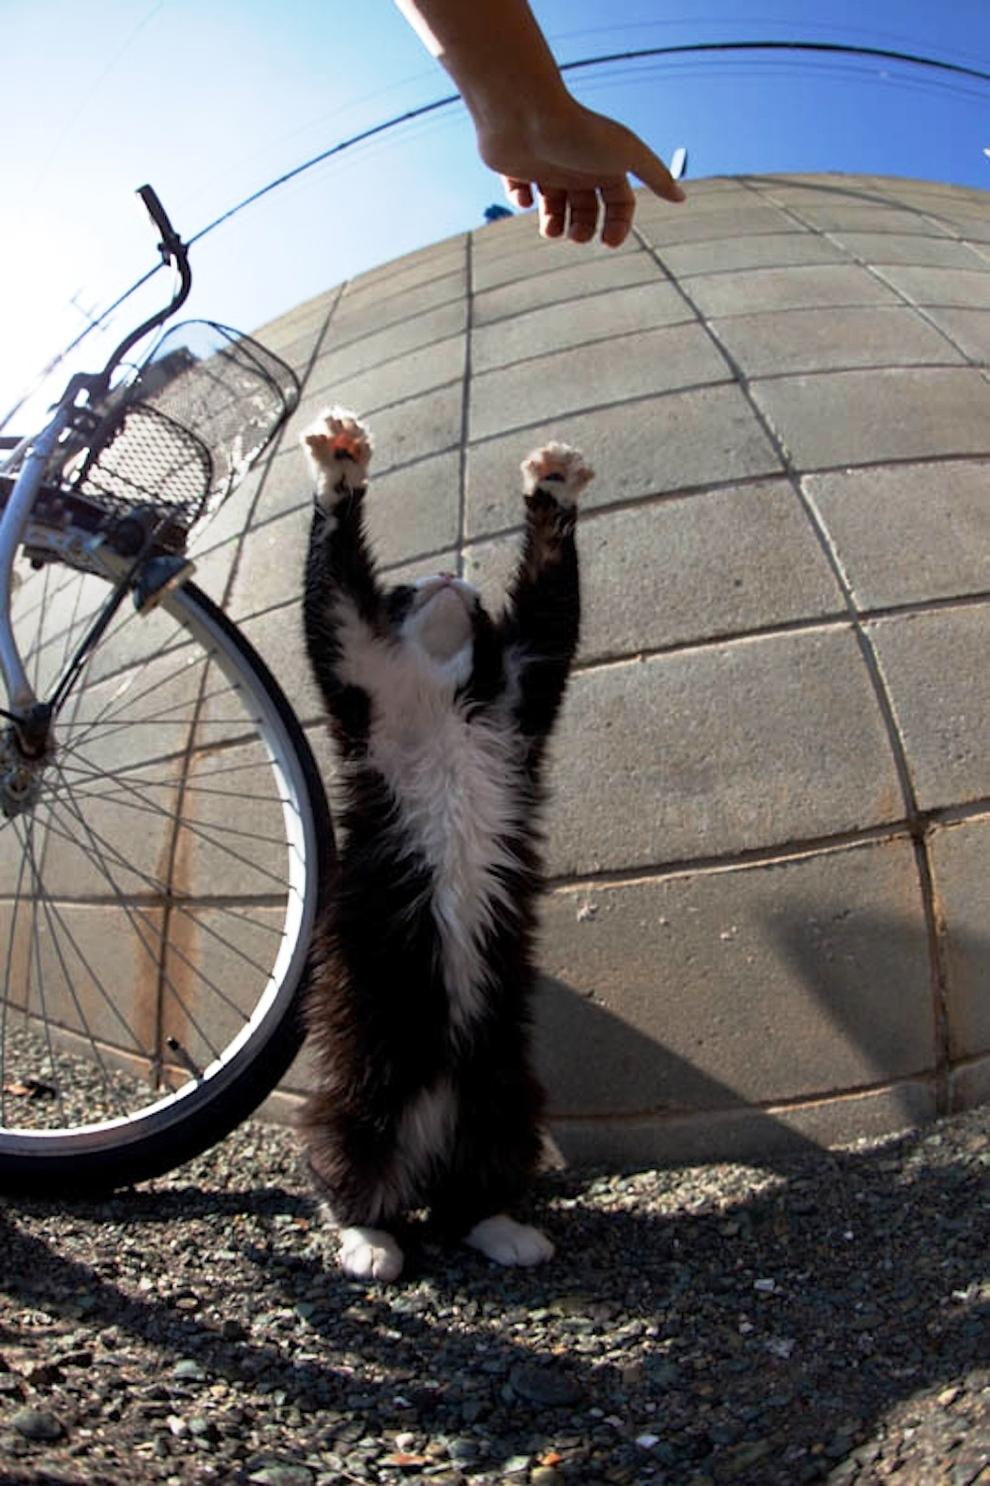 foto foto menakjubkan dari pulau Surga Kucing di Jepang - Foto Kucing di Fukuoka Jepang 48